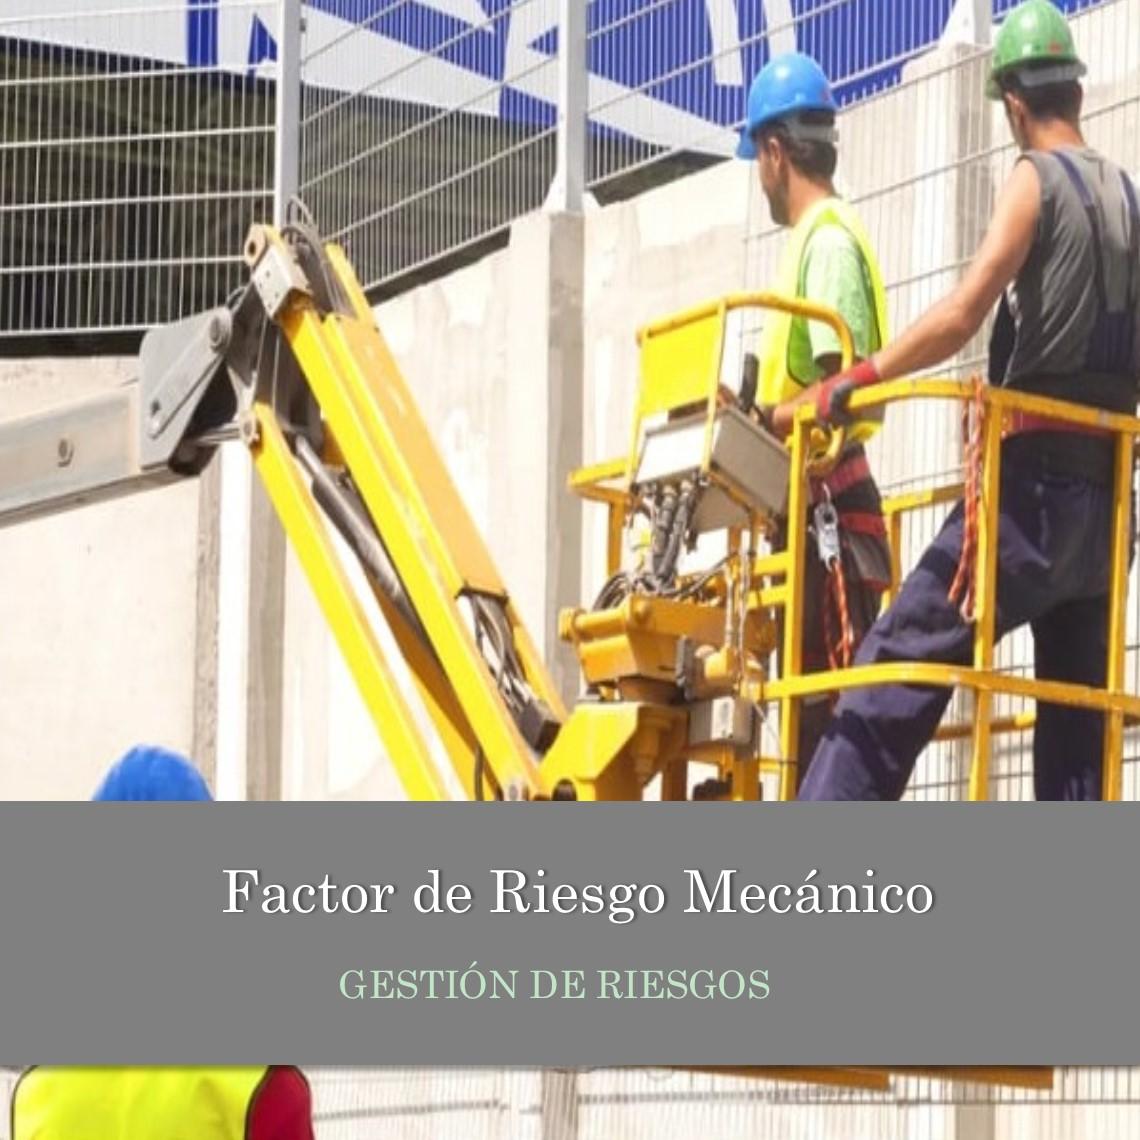 Factores de Riesgo Mecánico